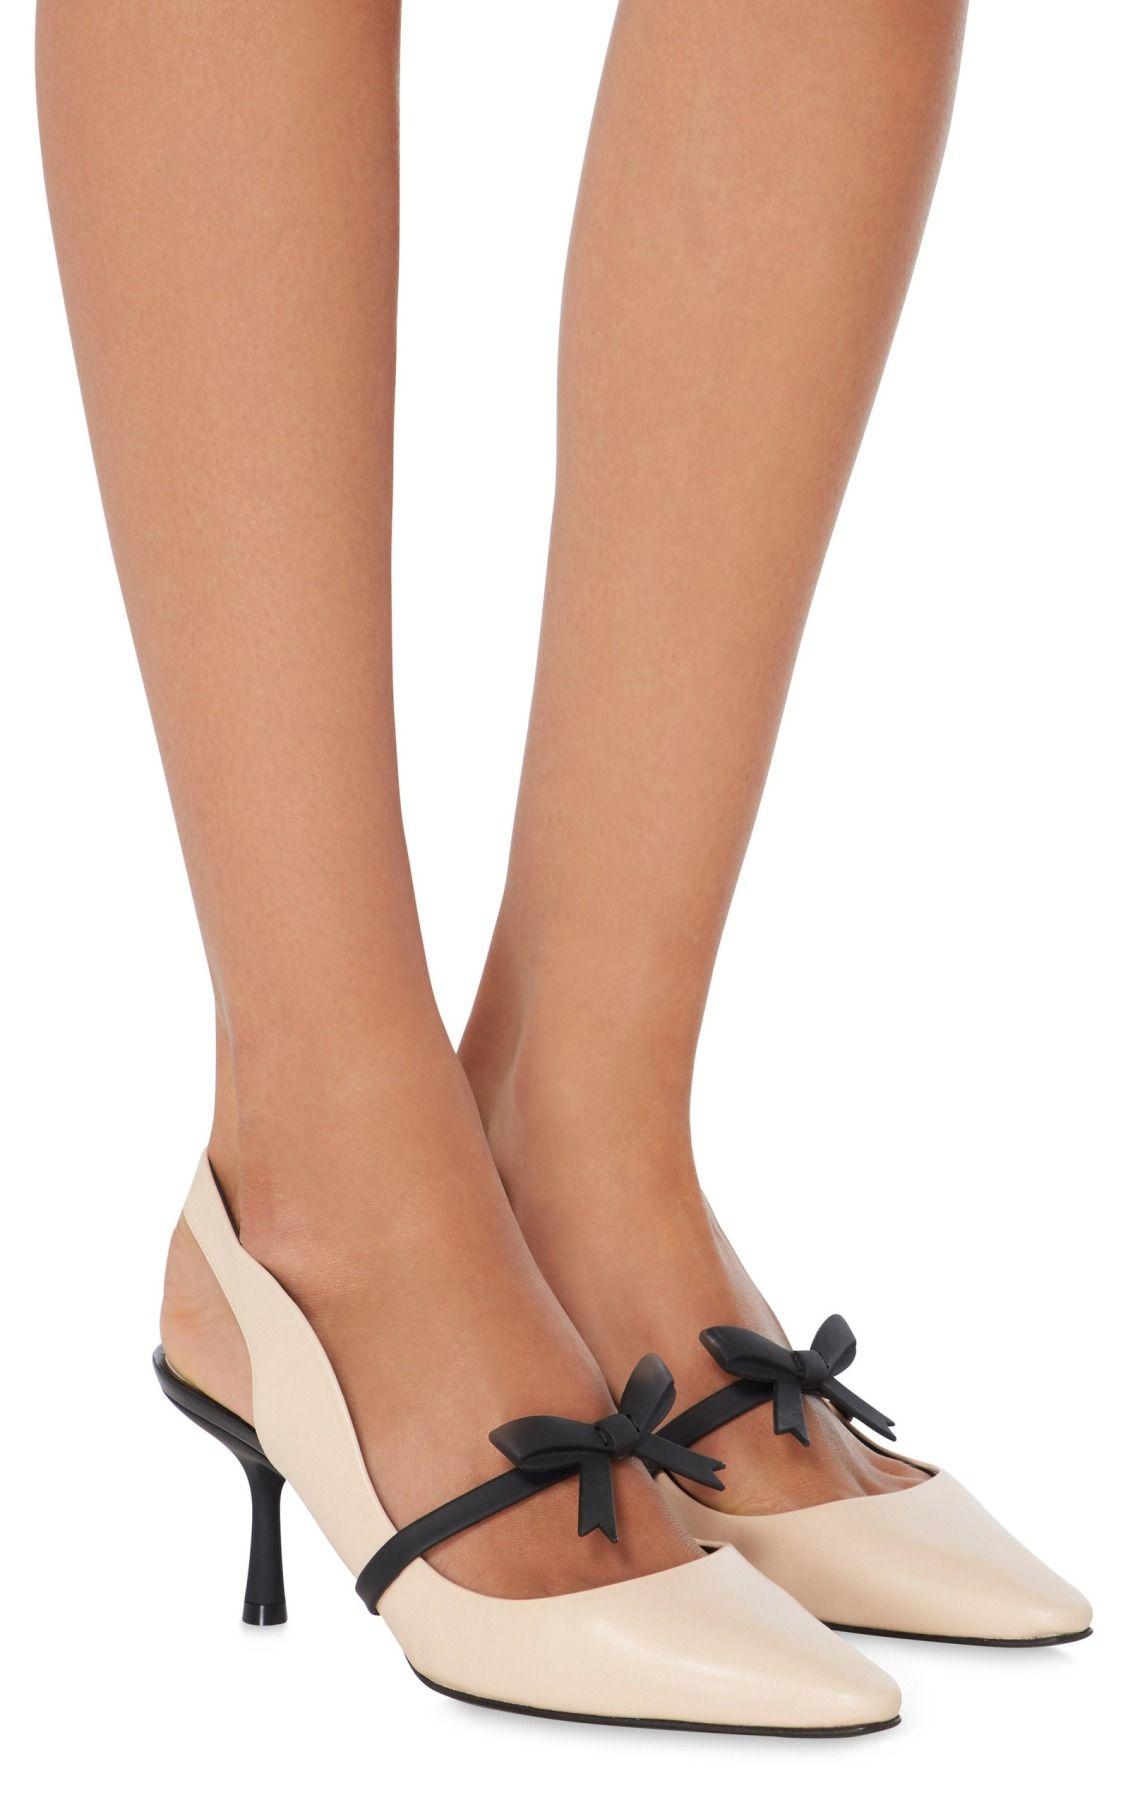 Mille Deneuve Kitten Heel By Fabrizio Viti Kitten Heel Shoes Heels Shoe Boots